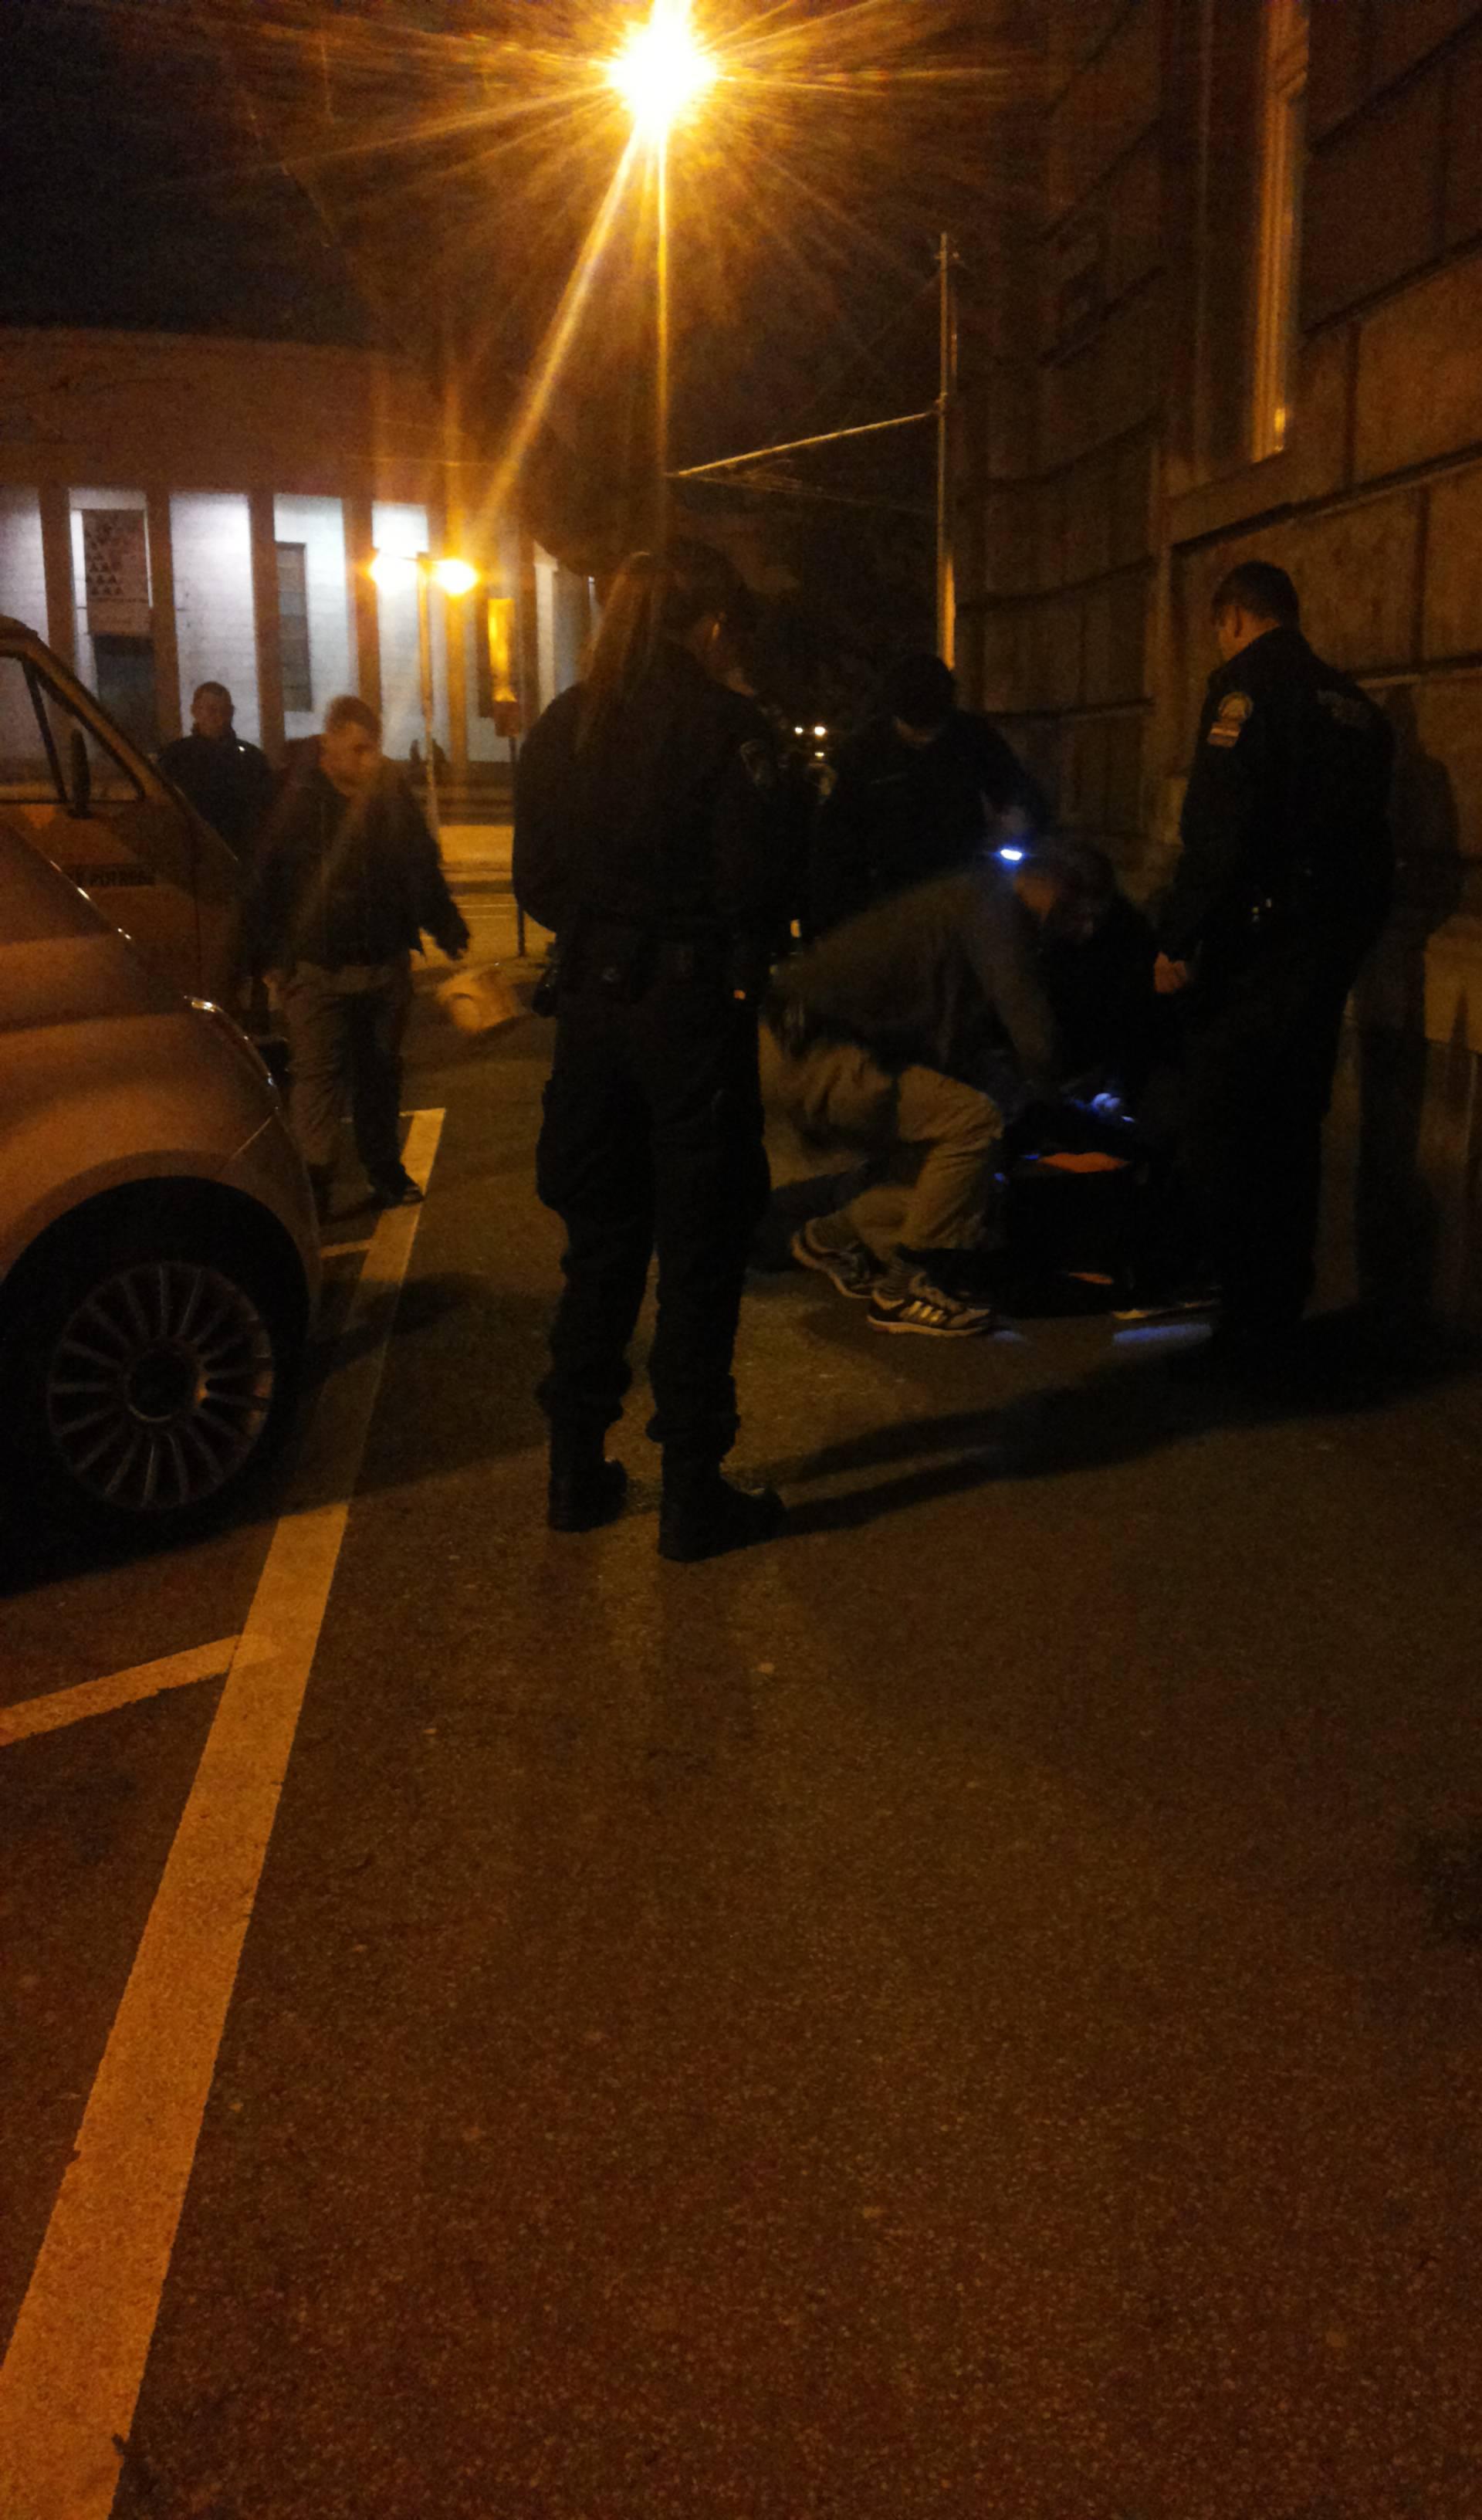 Bježao im je i divljao po cesti: Kradljivca auta ščepale Kobre